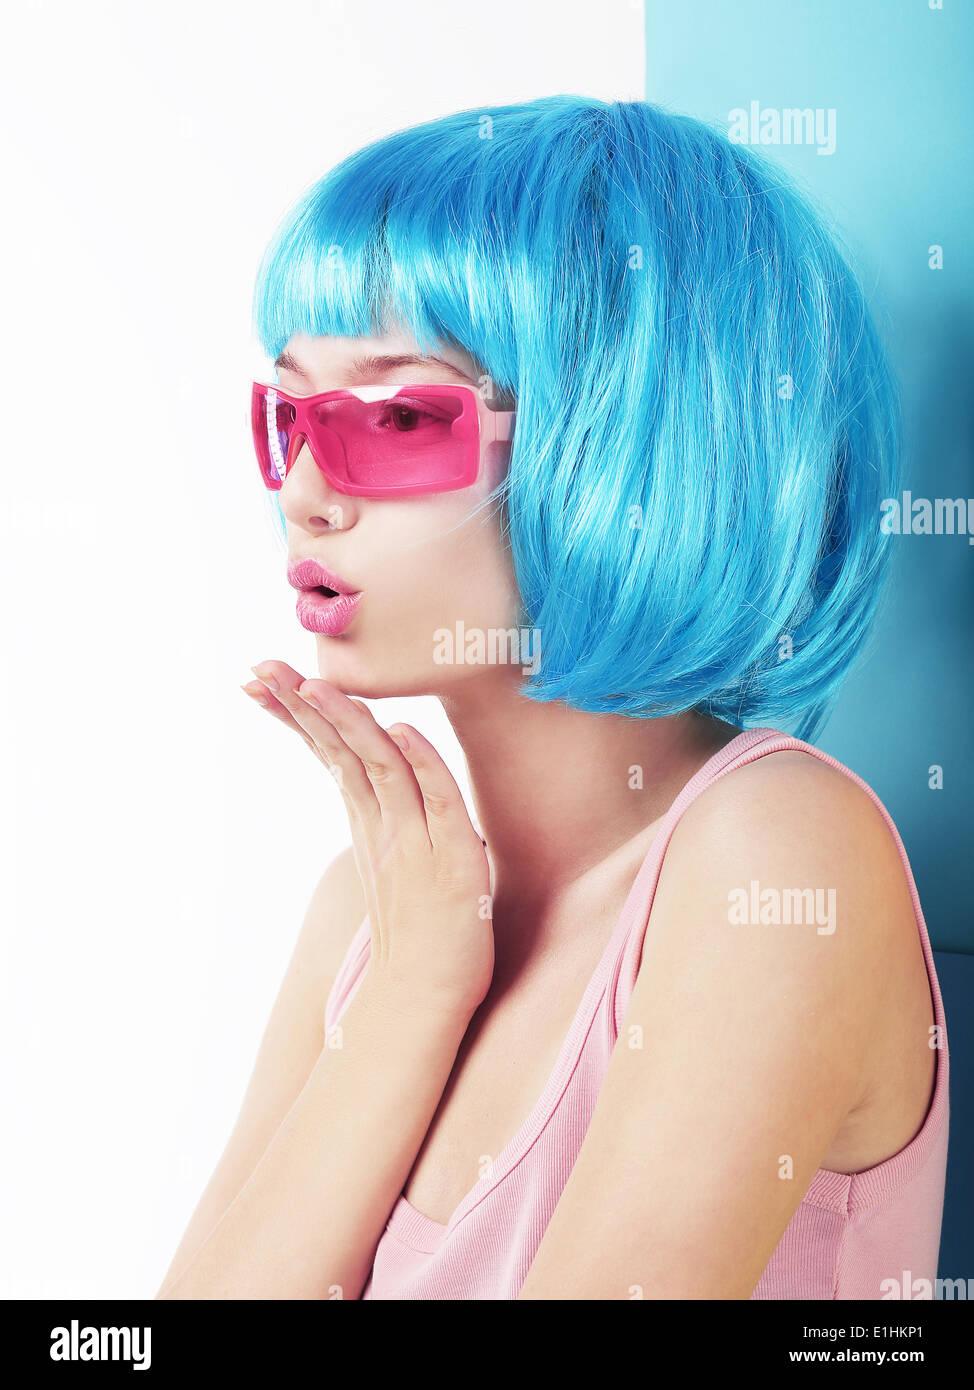 Estilo Manga. Perfil de mujer carismática en azul peluca soplando un beso Imagen De Stock